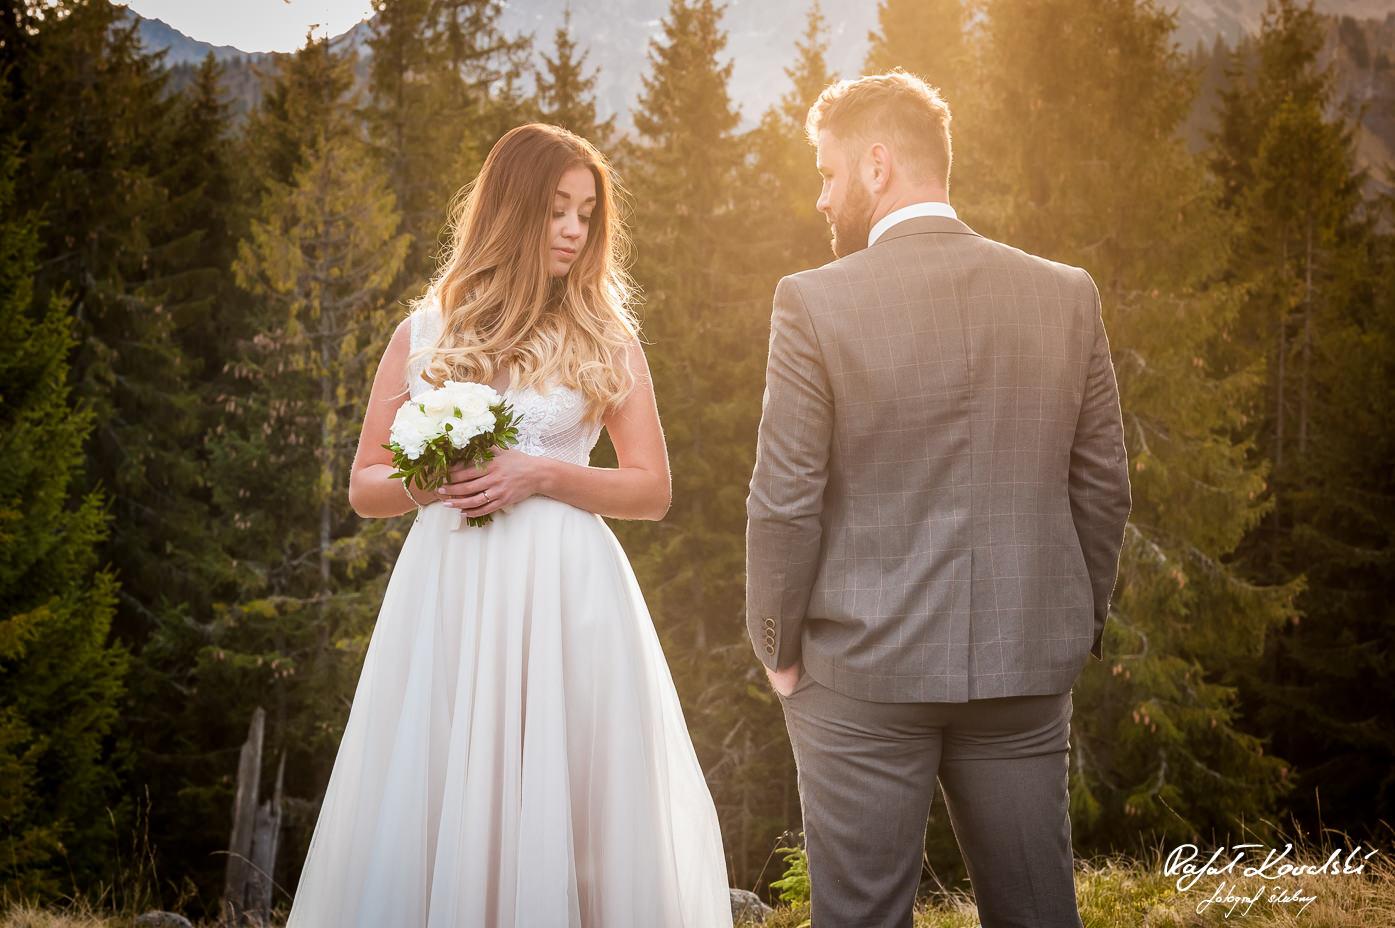 ona i on - portret pary mlodej w górach Tatrach